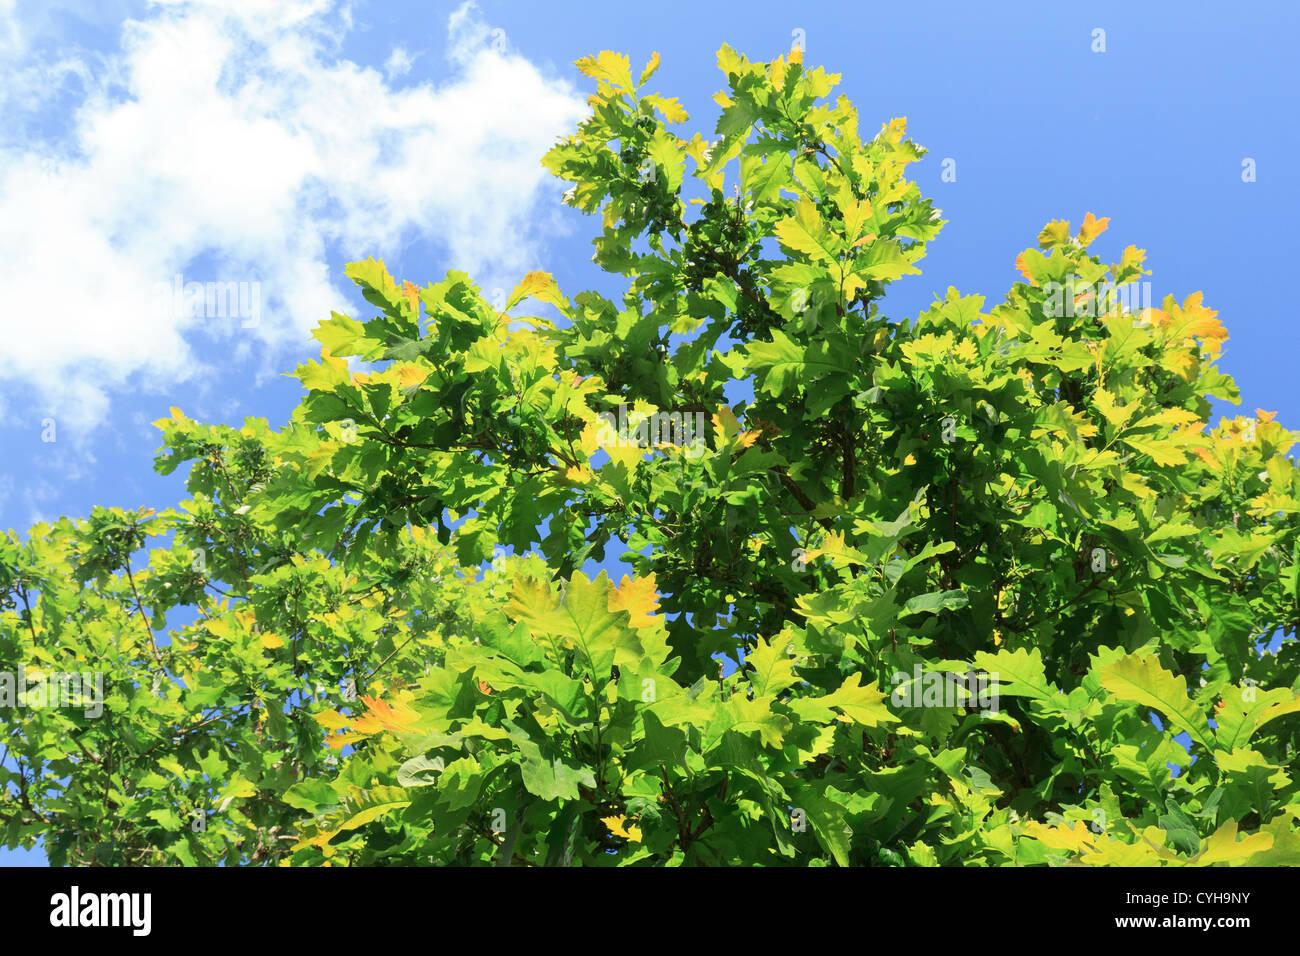 Leaves of Bur Oak, Quercus macrocarpa // Chêne à gros glands, Quercus macrocarpa - Stock Image